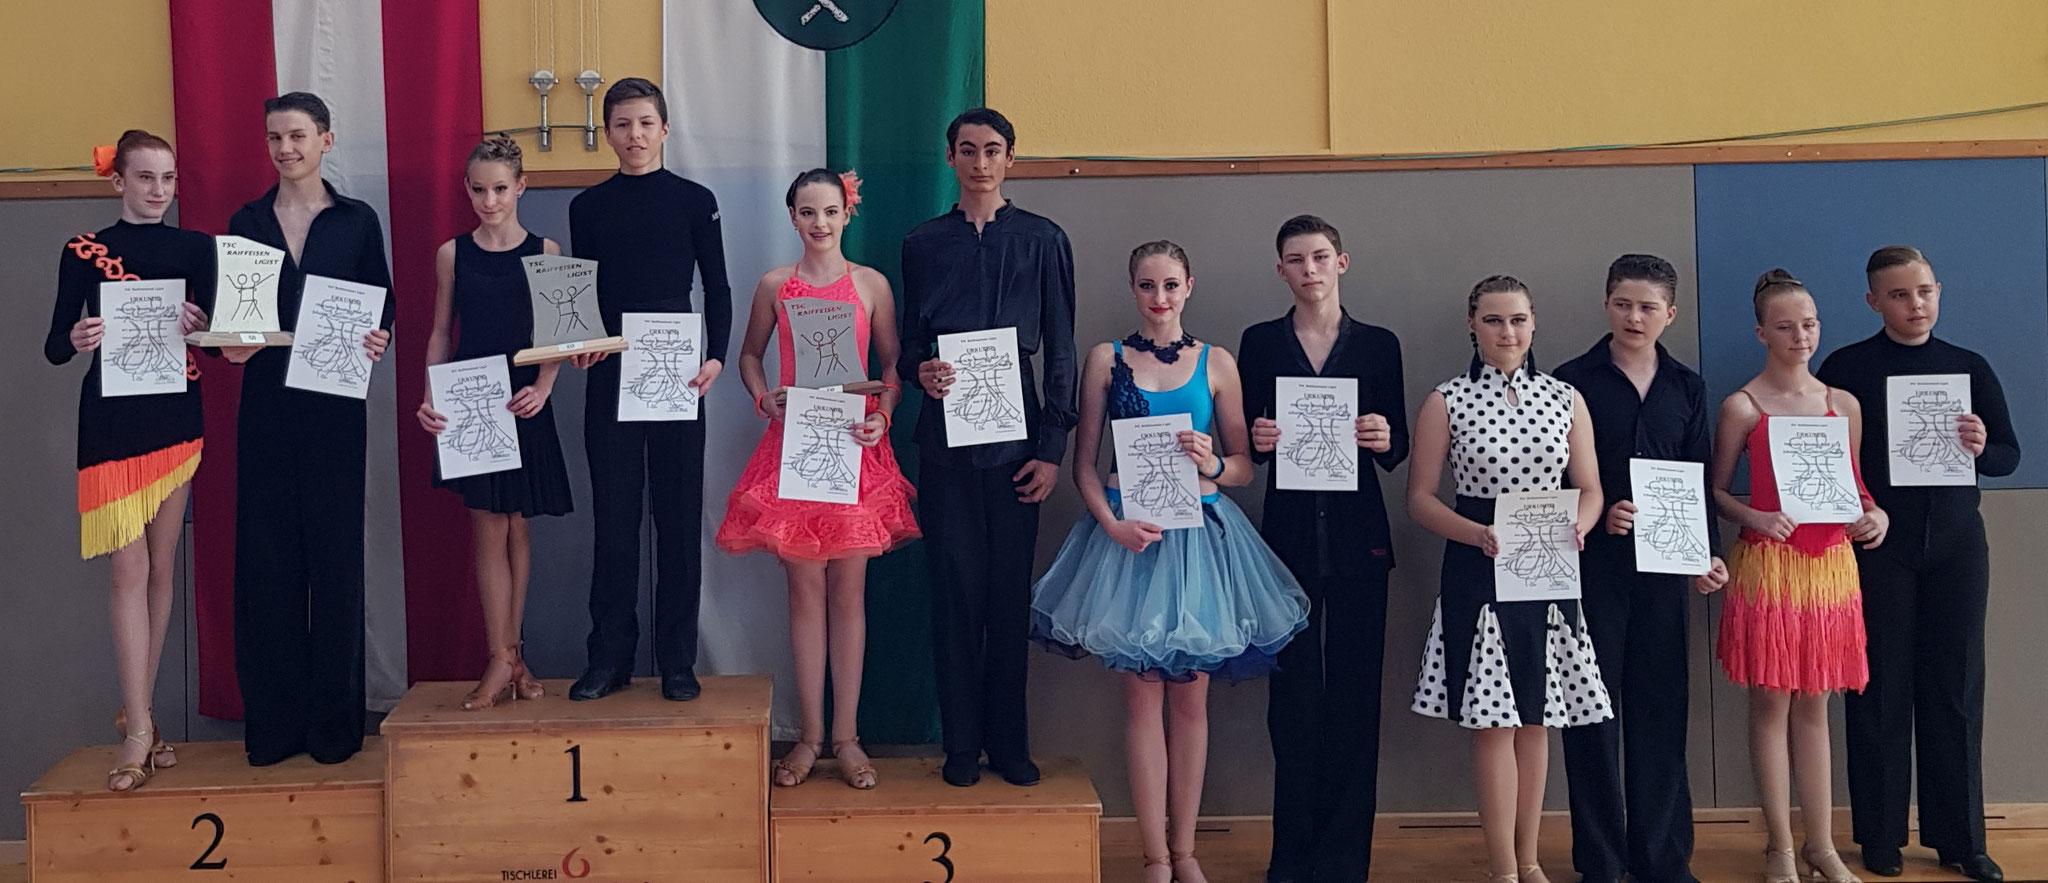 Junioren II Latein D - 1. Bedendek Darffy/Lili Kovacs - Gala Te (Ungarn)